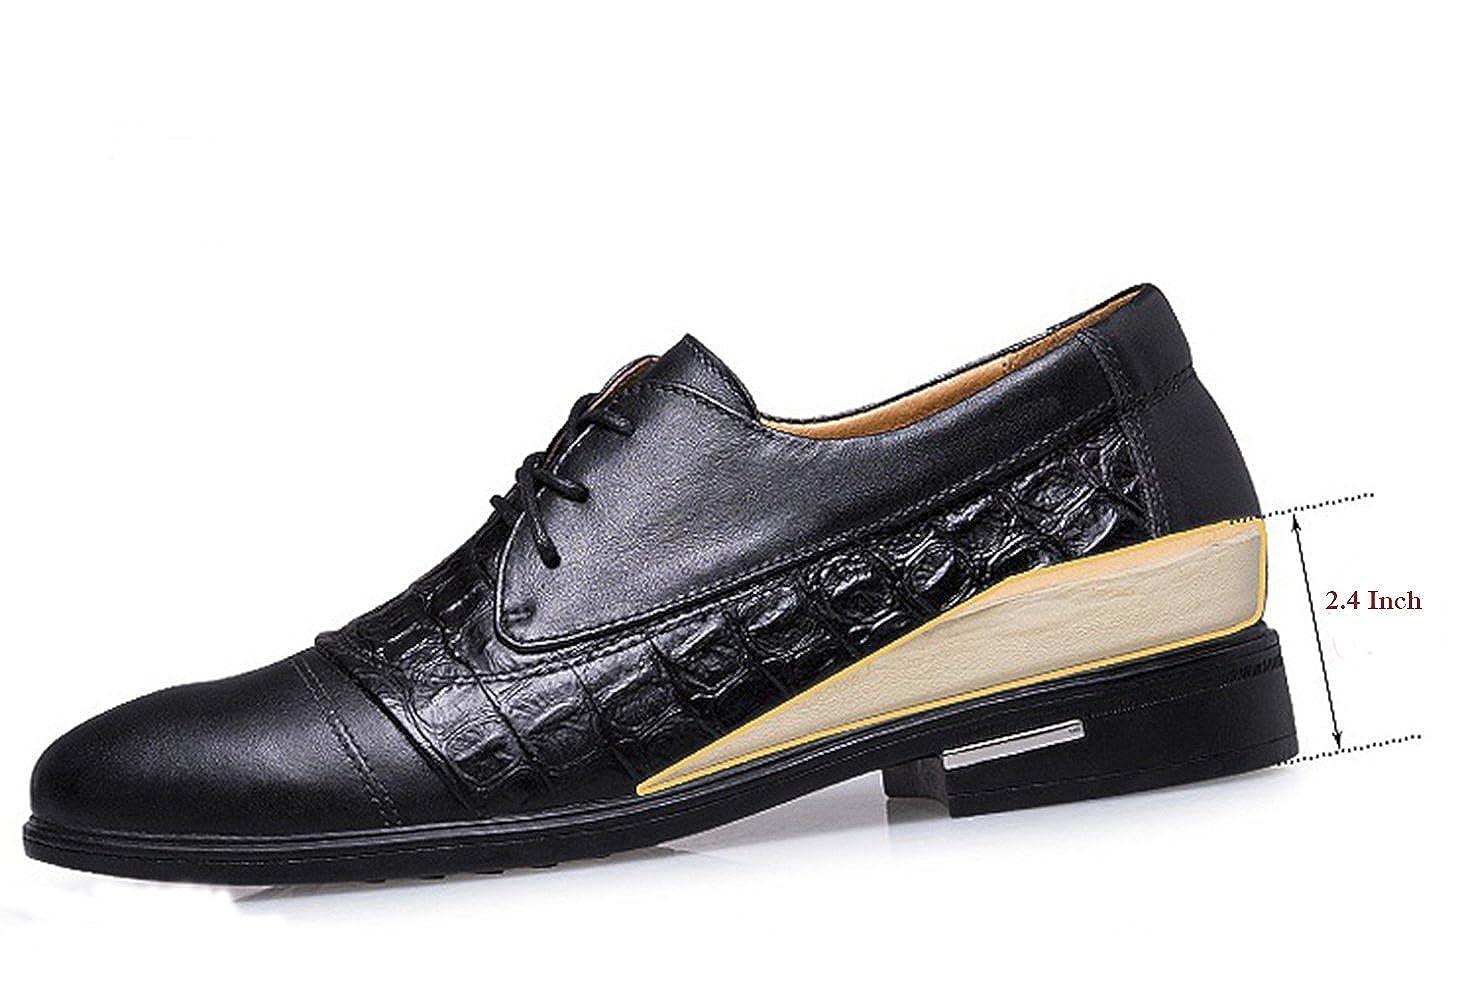 Spades & Clubs Elegante Schuhe, hoher Herren, 6,1 cm hoher Schuhe, versteckter Absatz, echtes Krokoleder, für Hochzeiten  formale Anlässe b1805e